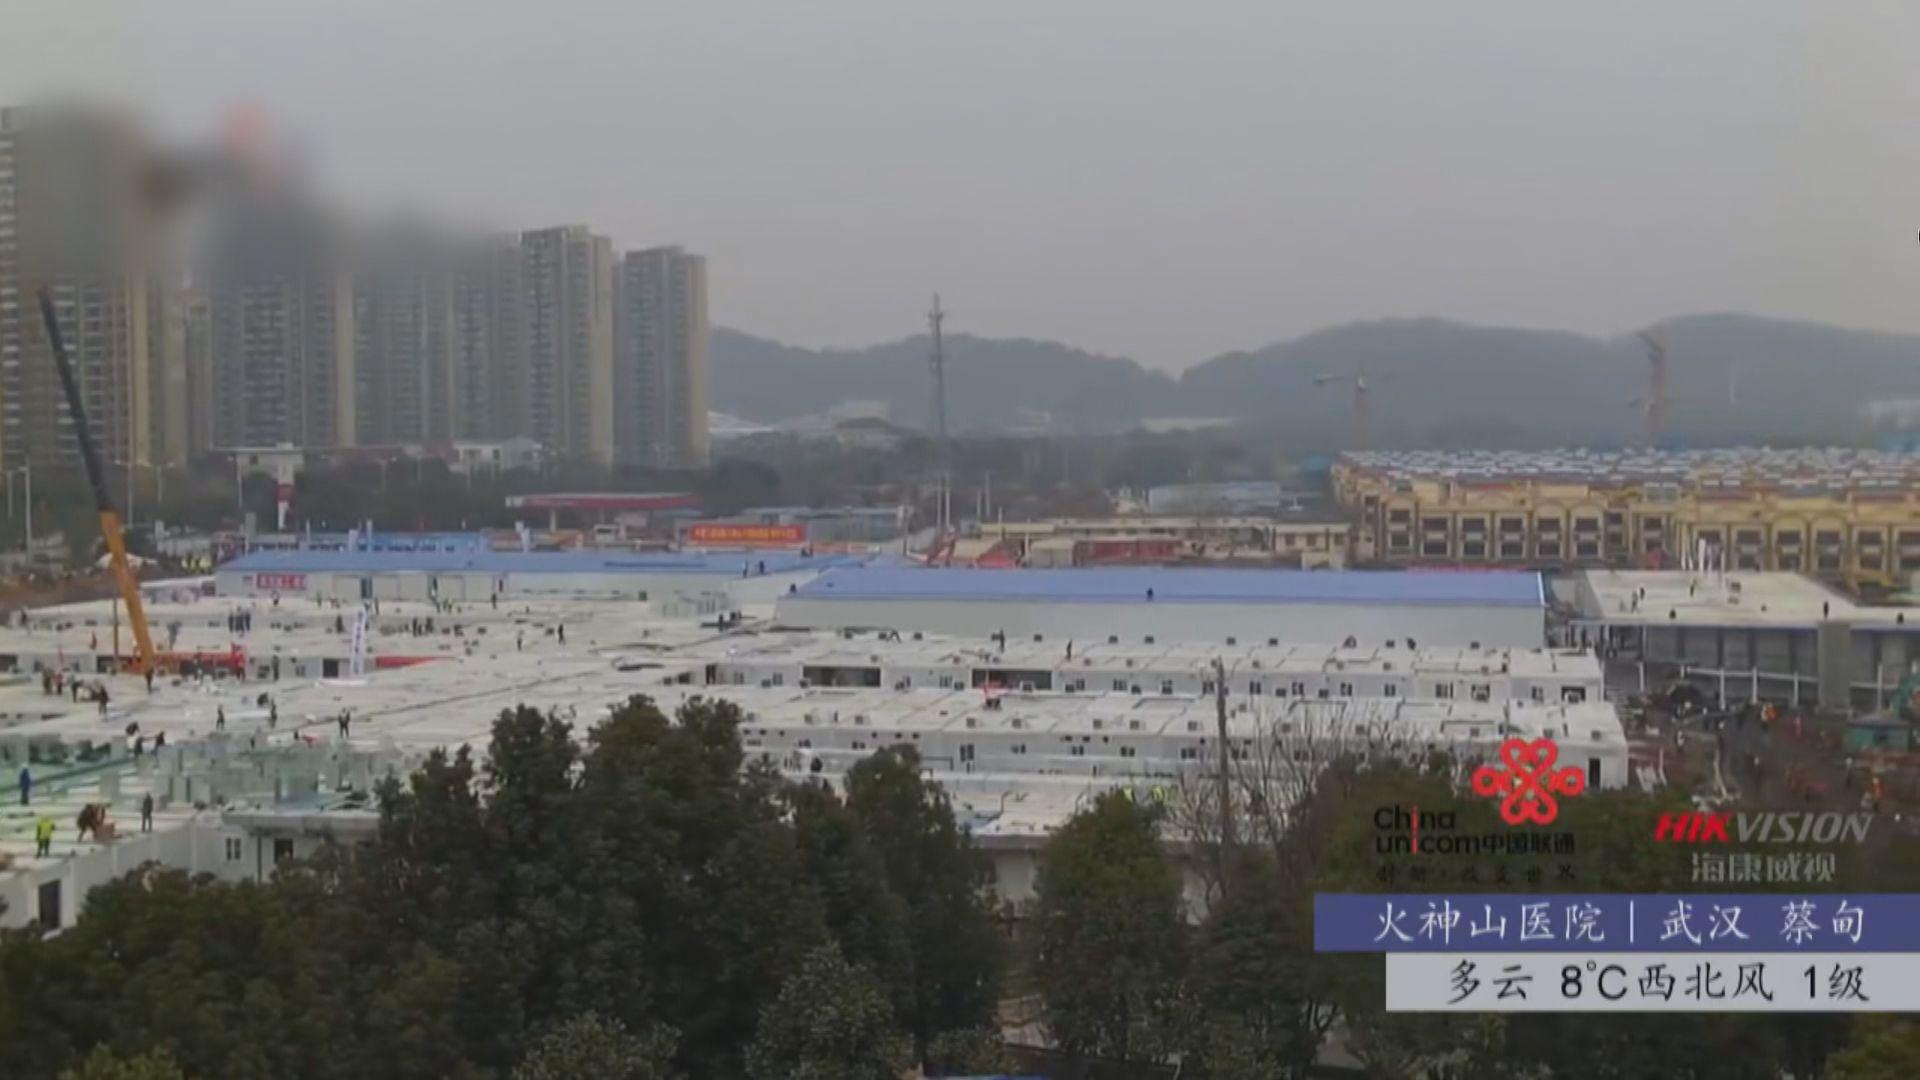 解放軍抽調1400名醫護到火神山醫院協助救治